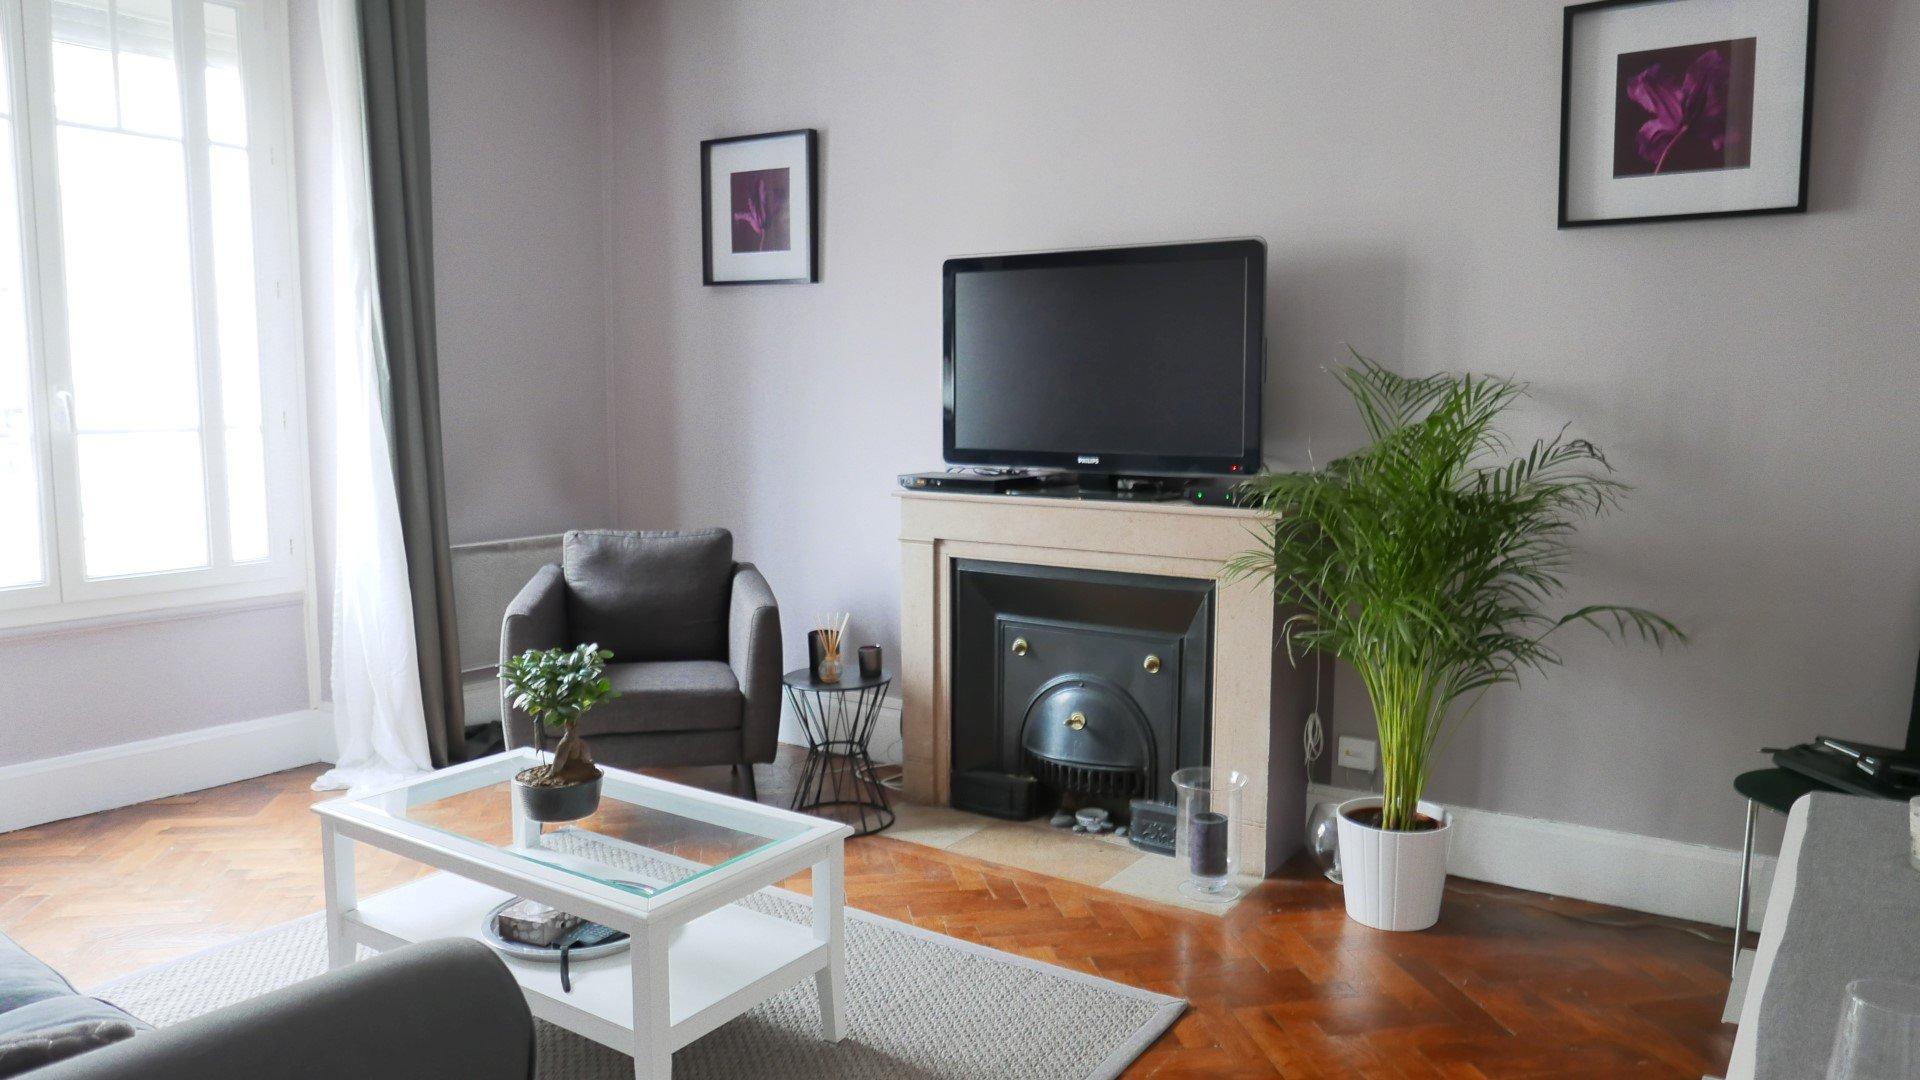 Achat Appartement Surface de 51.8 m², 2 pièces, Lyon 3ème (69003)